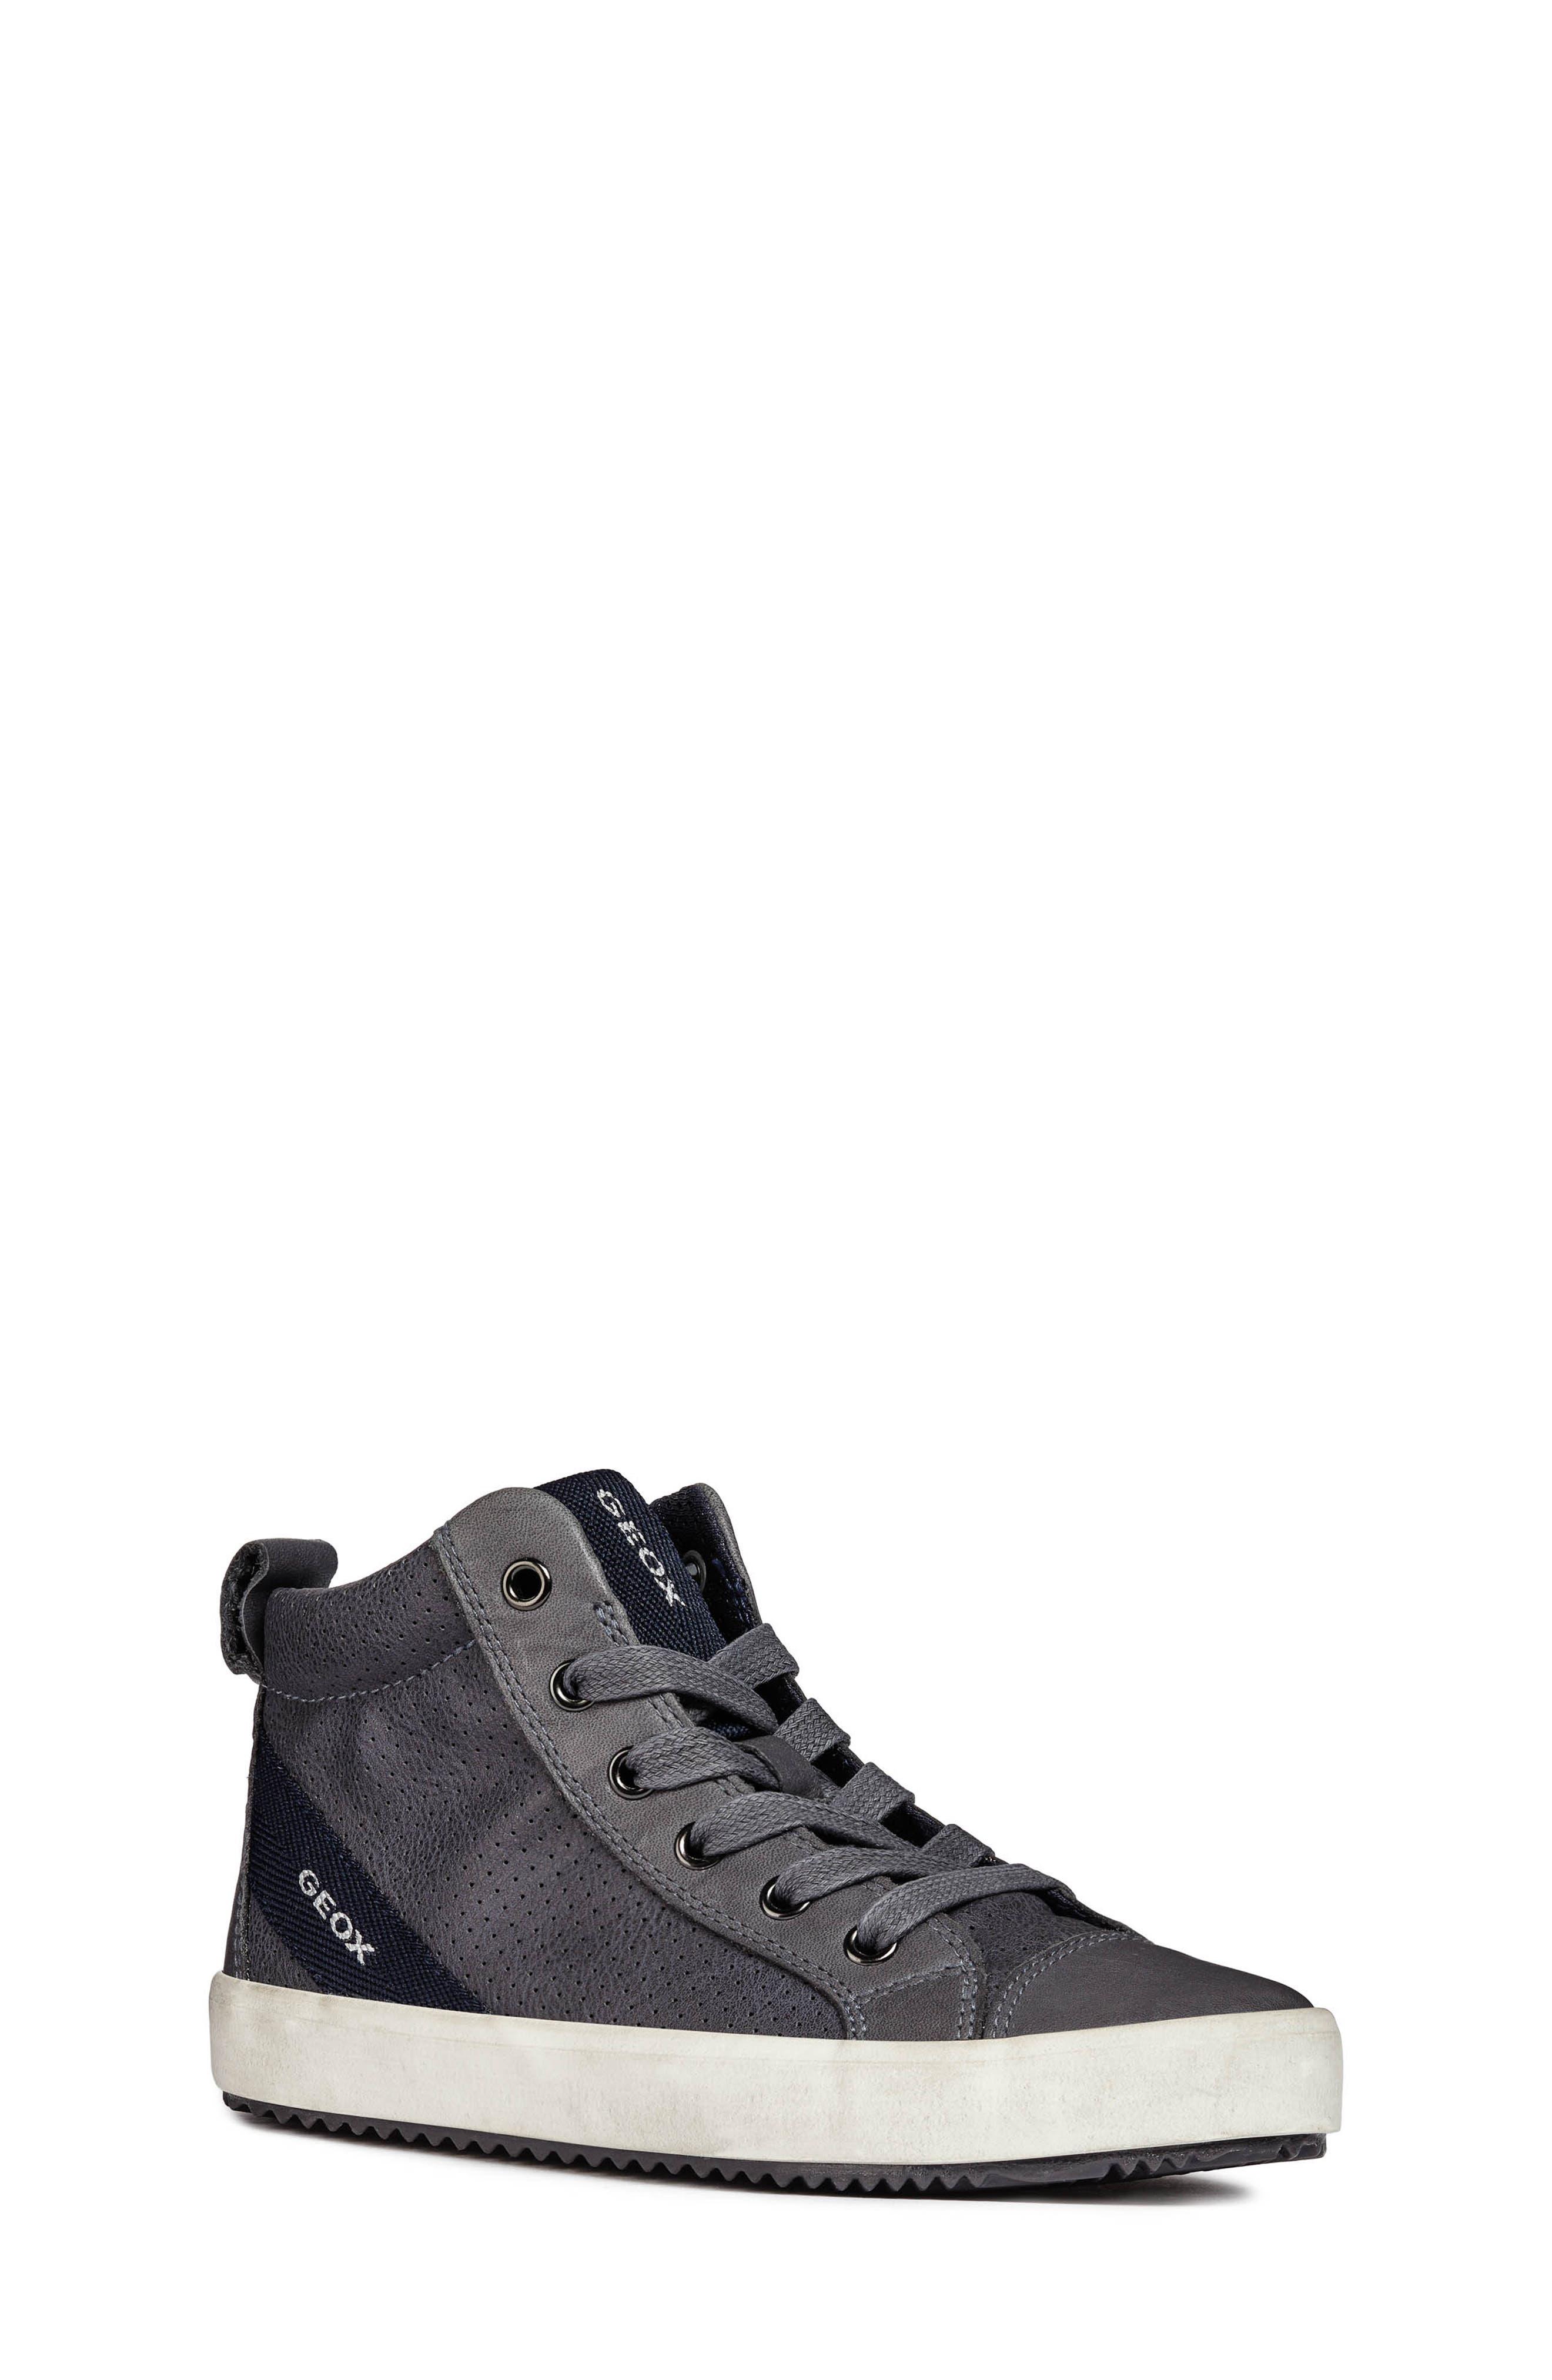 Alonisso High-Top Sneaker,                         Main,                         color, GREY/DARK GREY